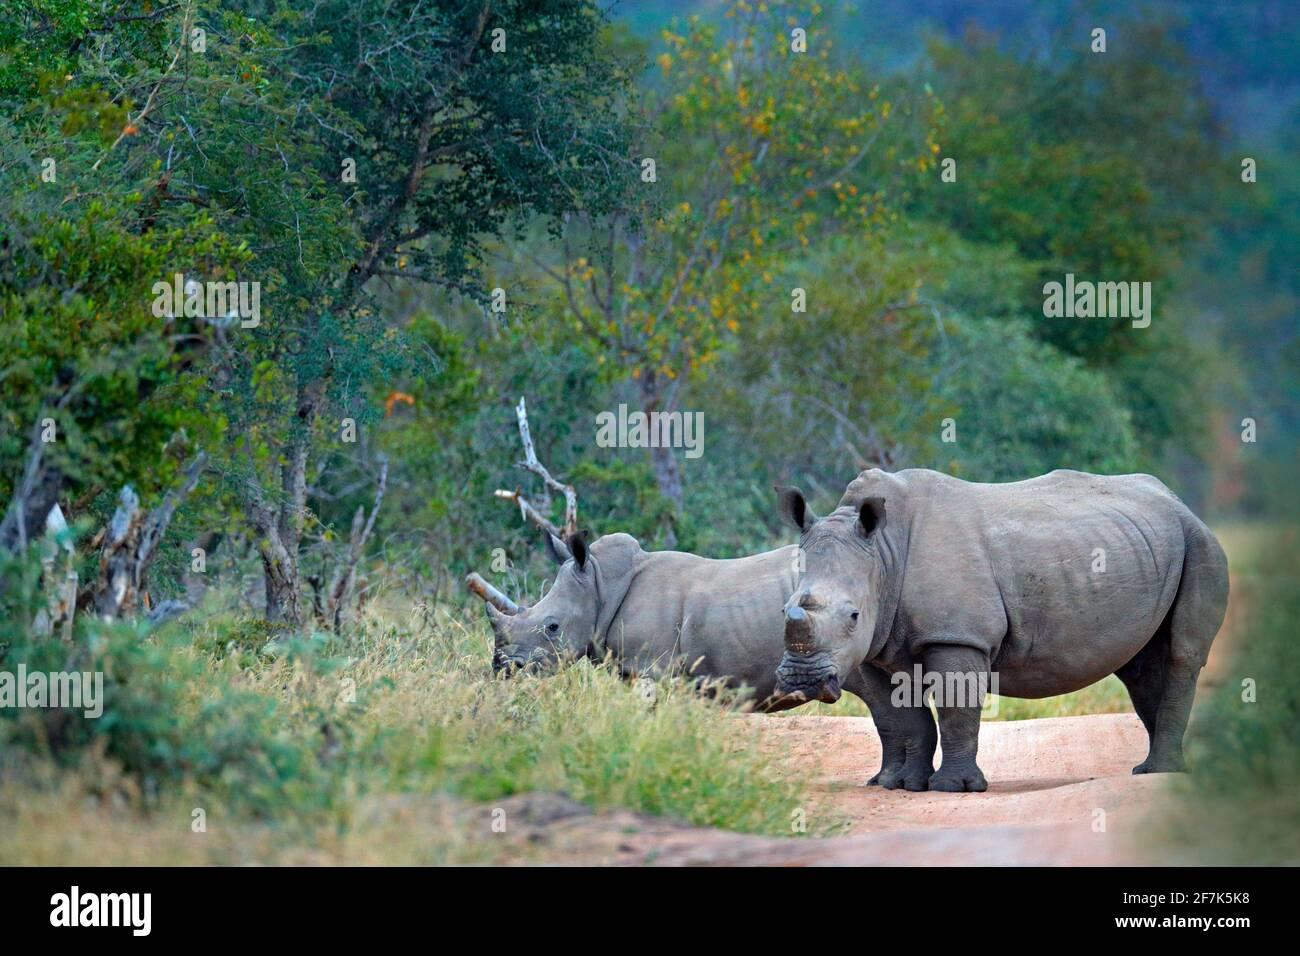 Rhino in Waldlebensraum. Zwei Weiße Nashorn, Ceratotherium simum, mit geschnittenen Hörnern, im Naturlebensraum Kruger Nationalpark. Afrika. Tierarten-Scen Stockfoto